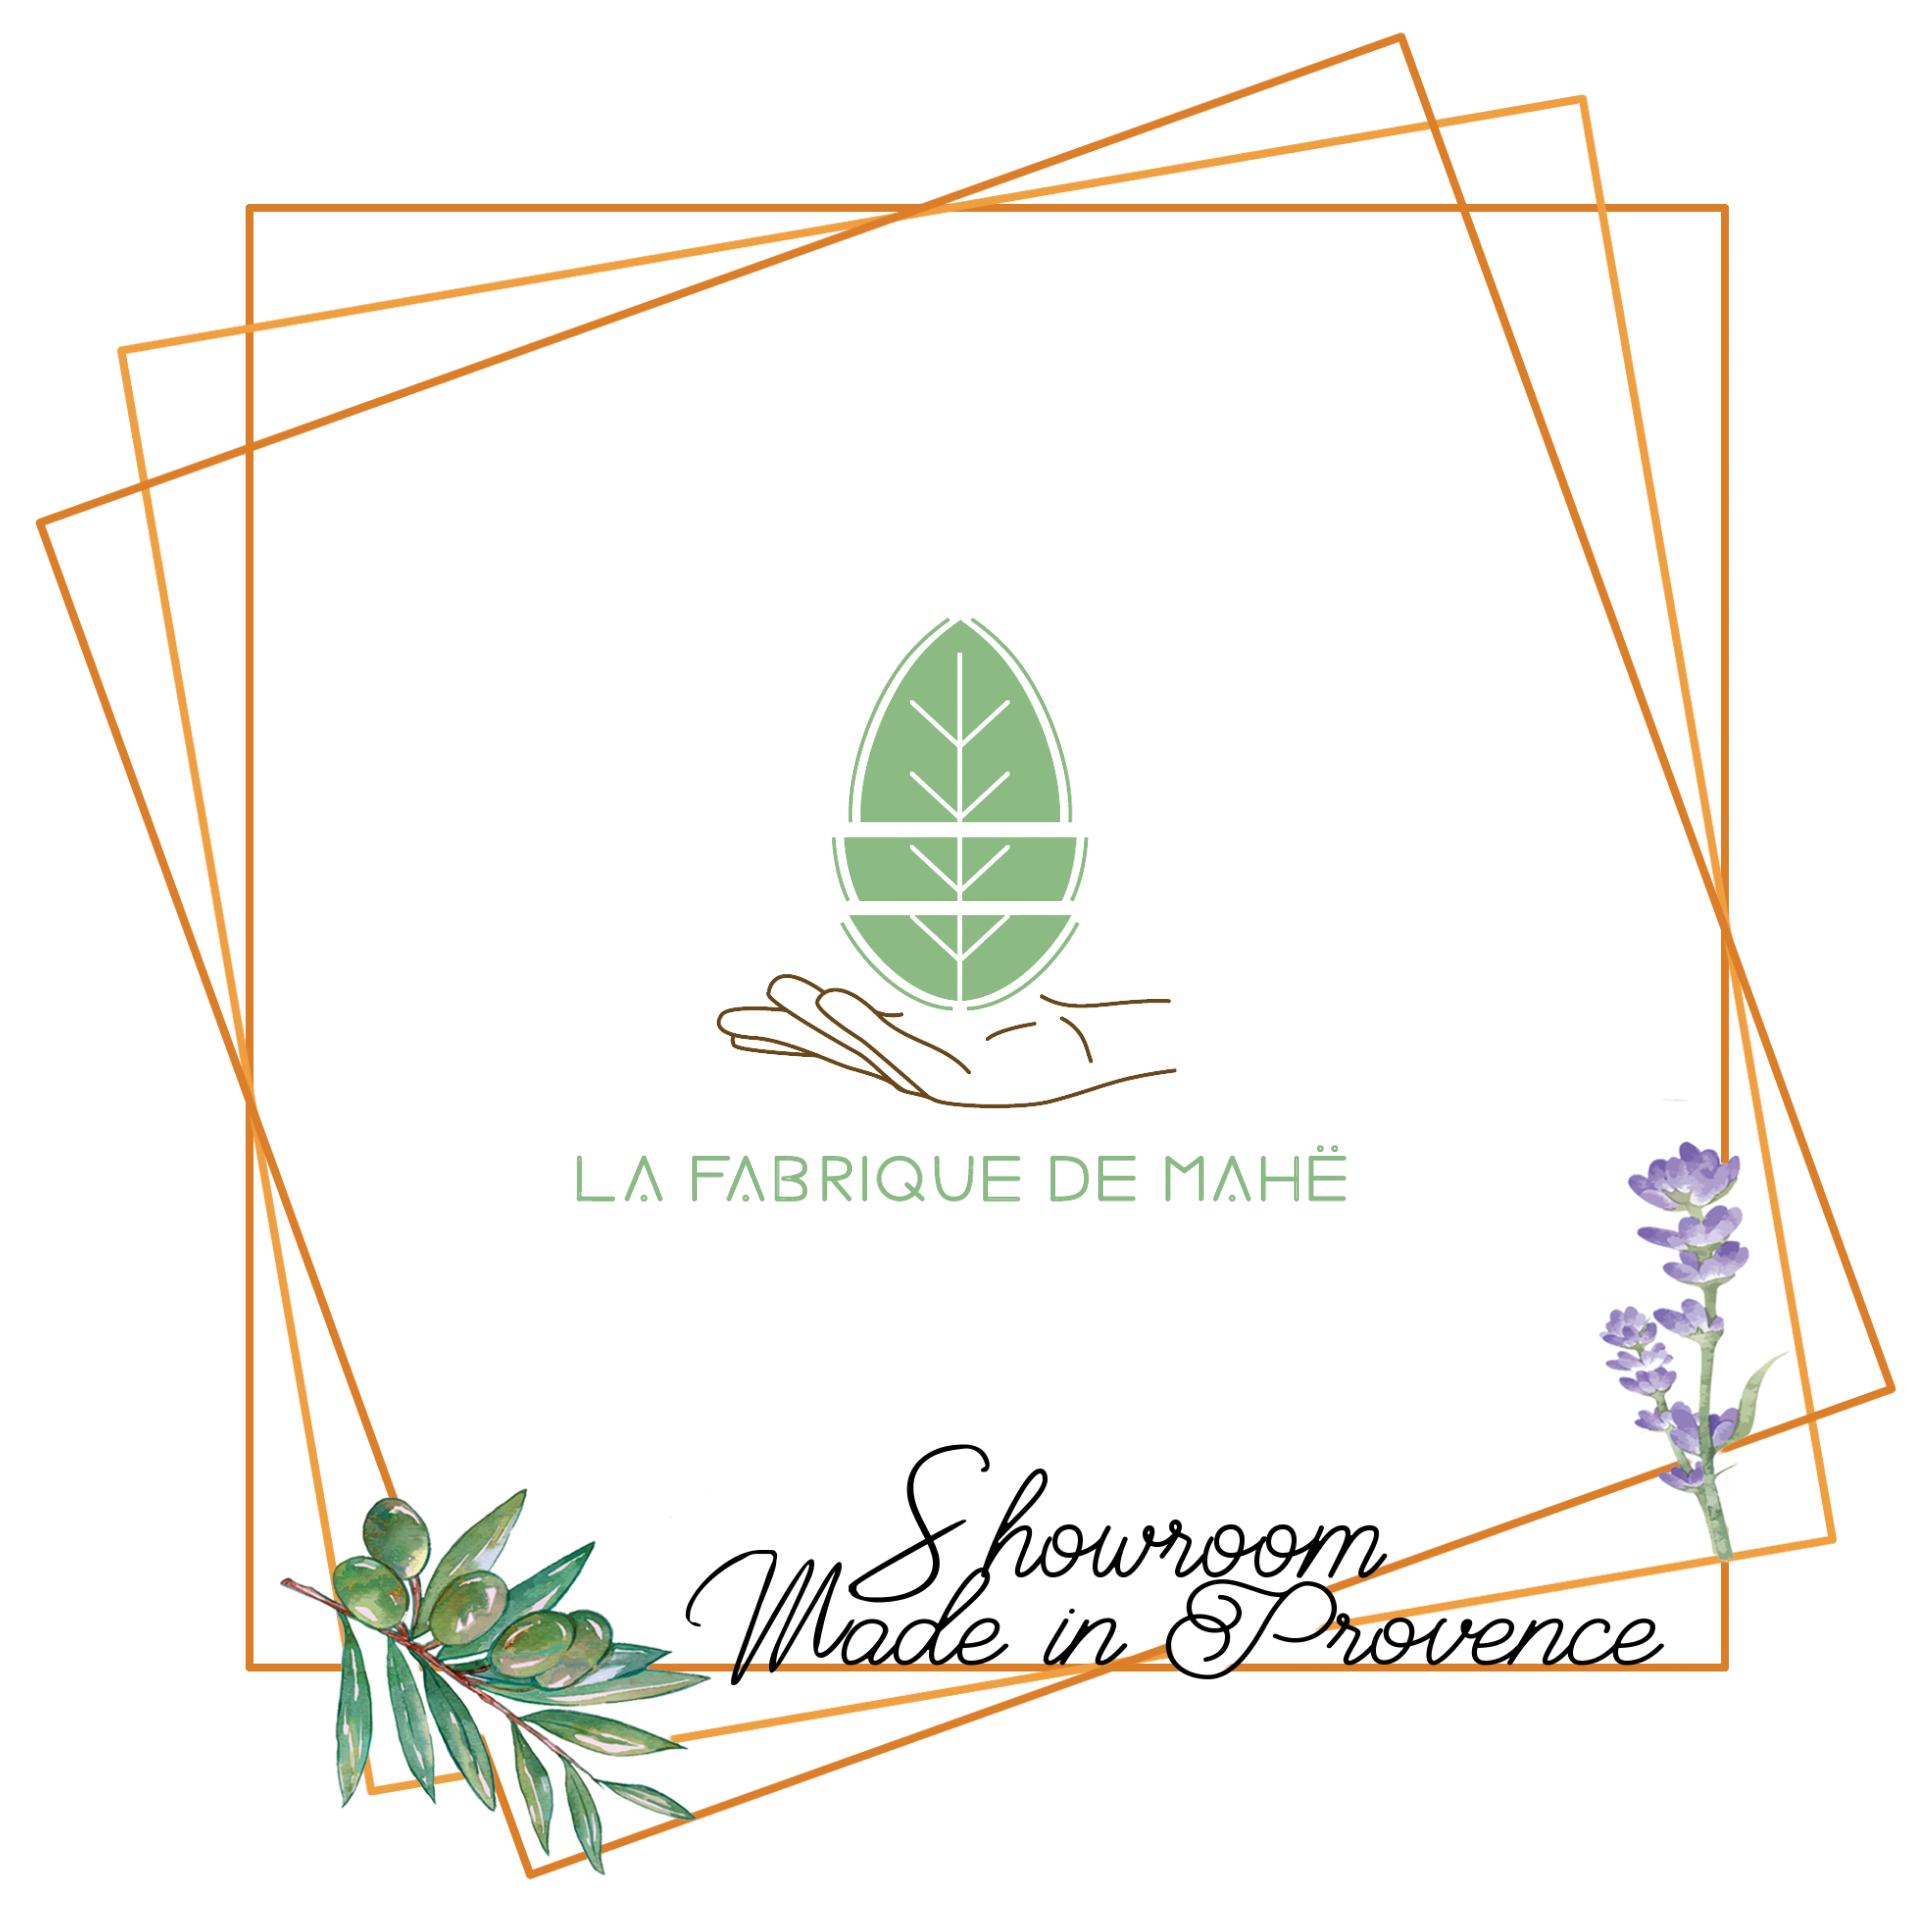 la fabrique de mahé showroom made in provence